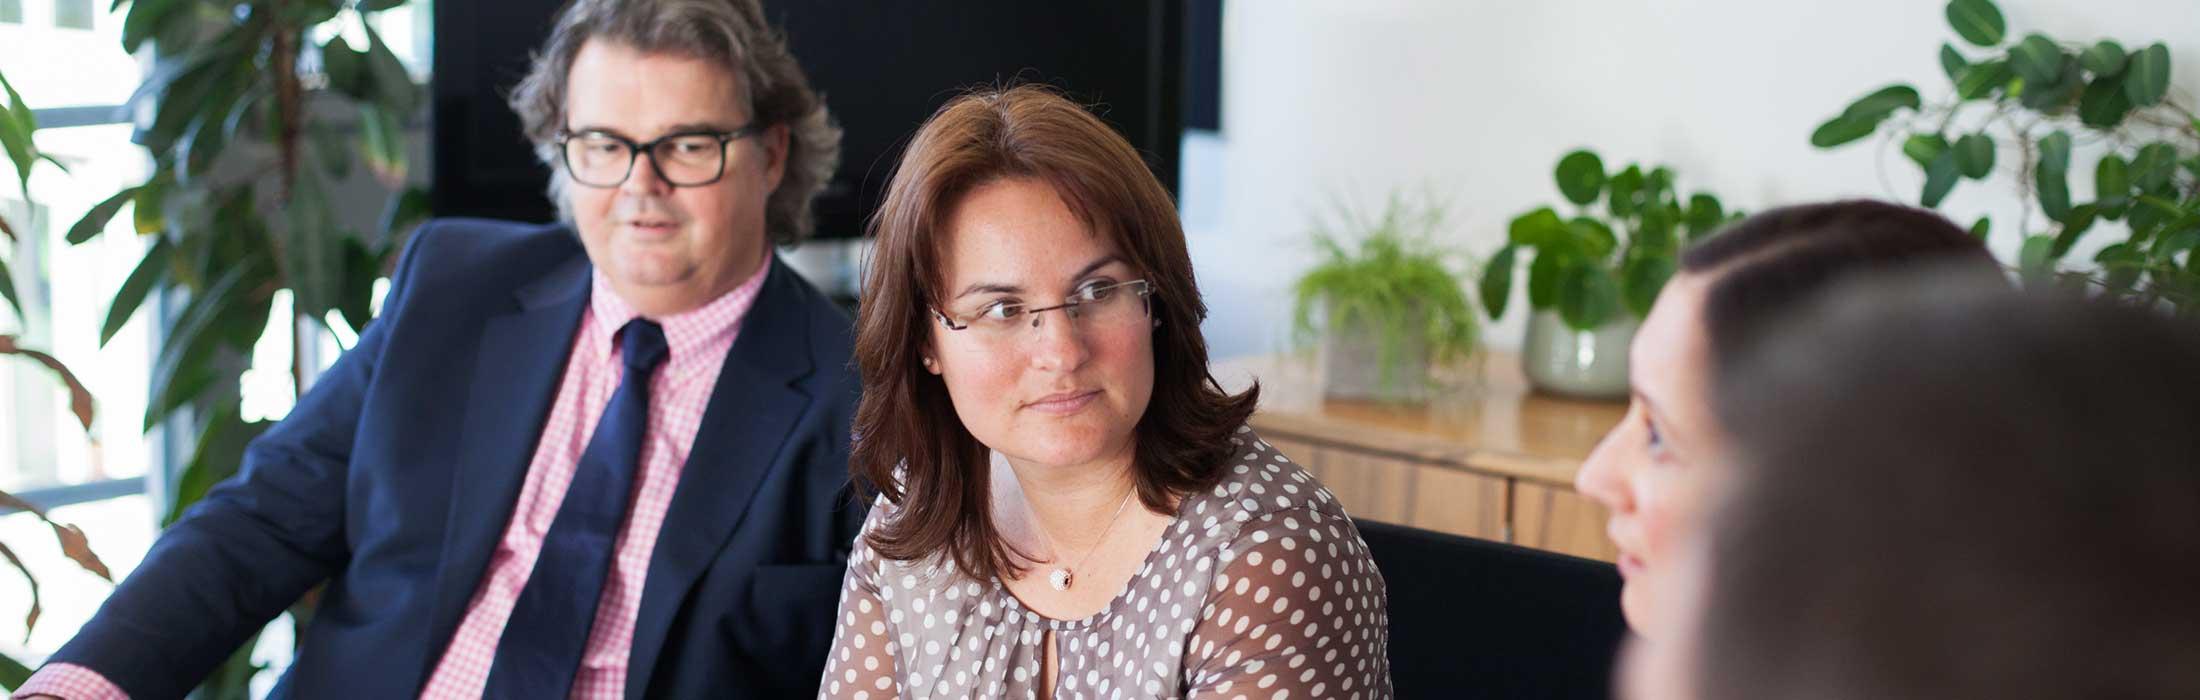 Anwälte für Schmerzensgeld und Schadensersatz nach schweren Personenschäden